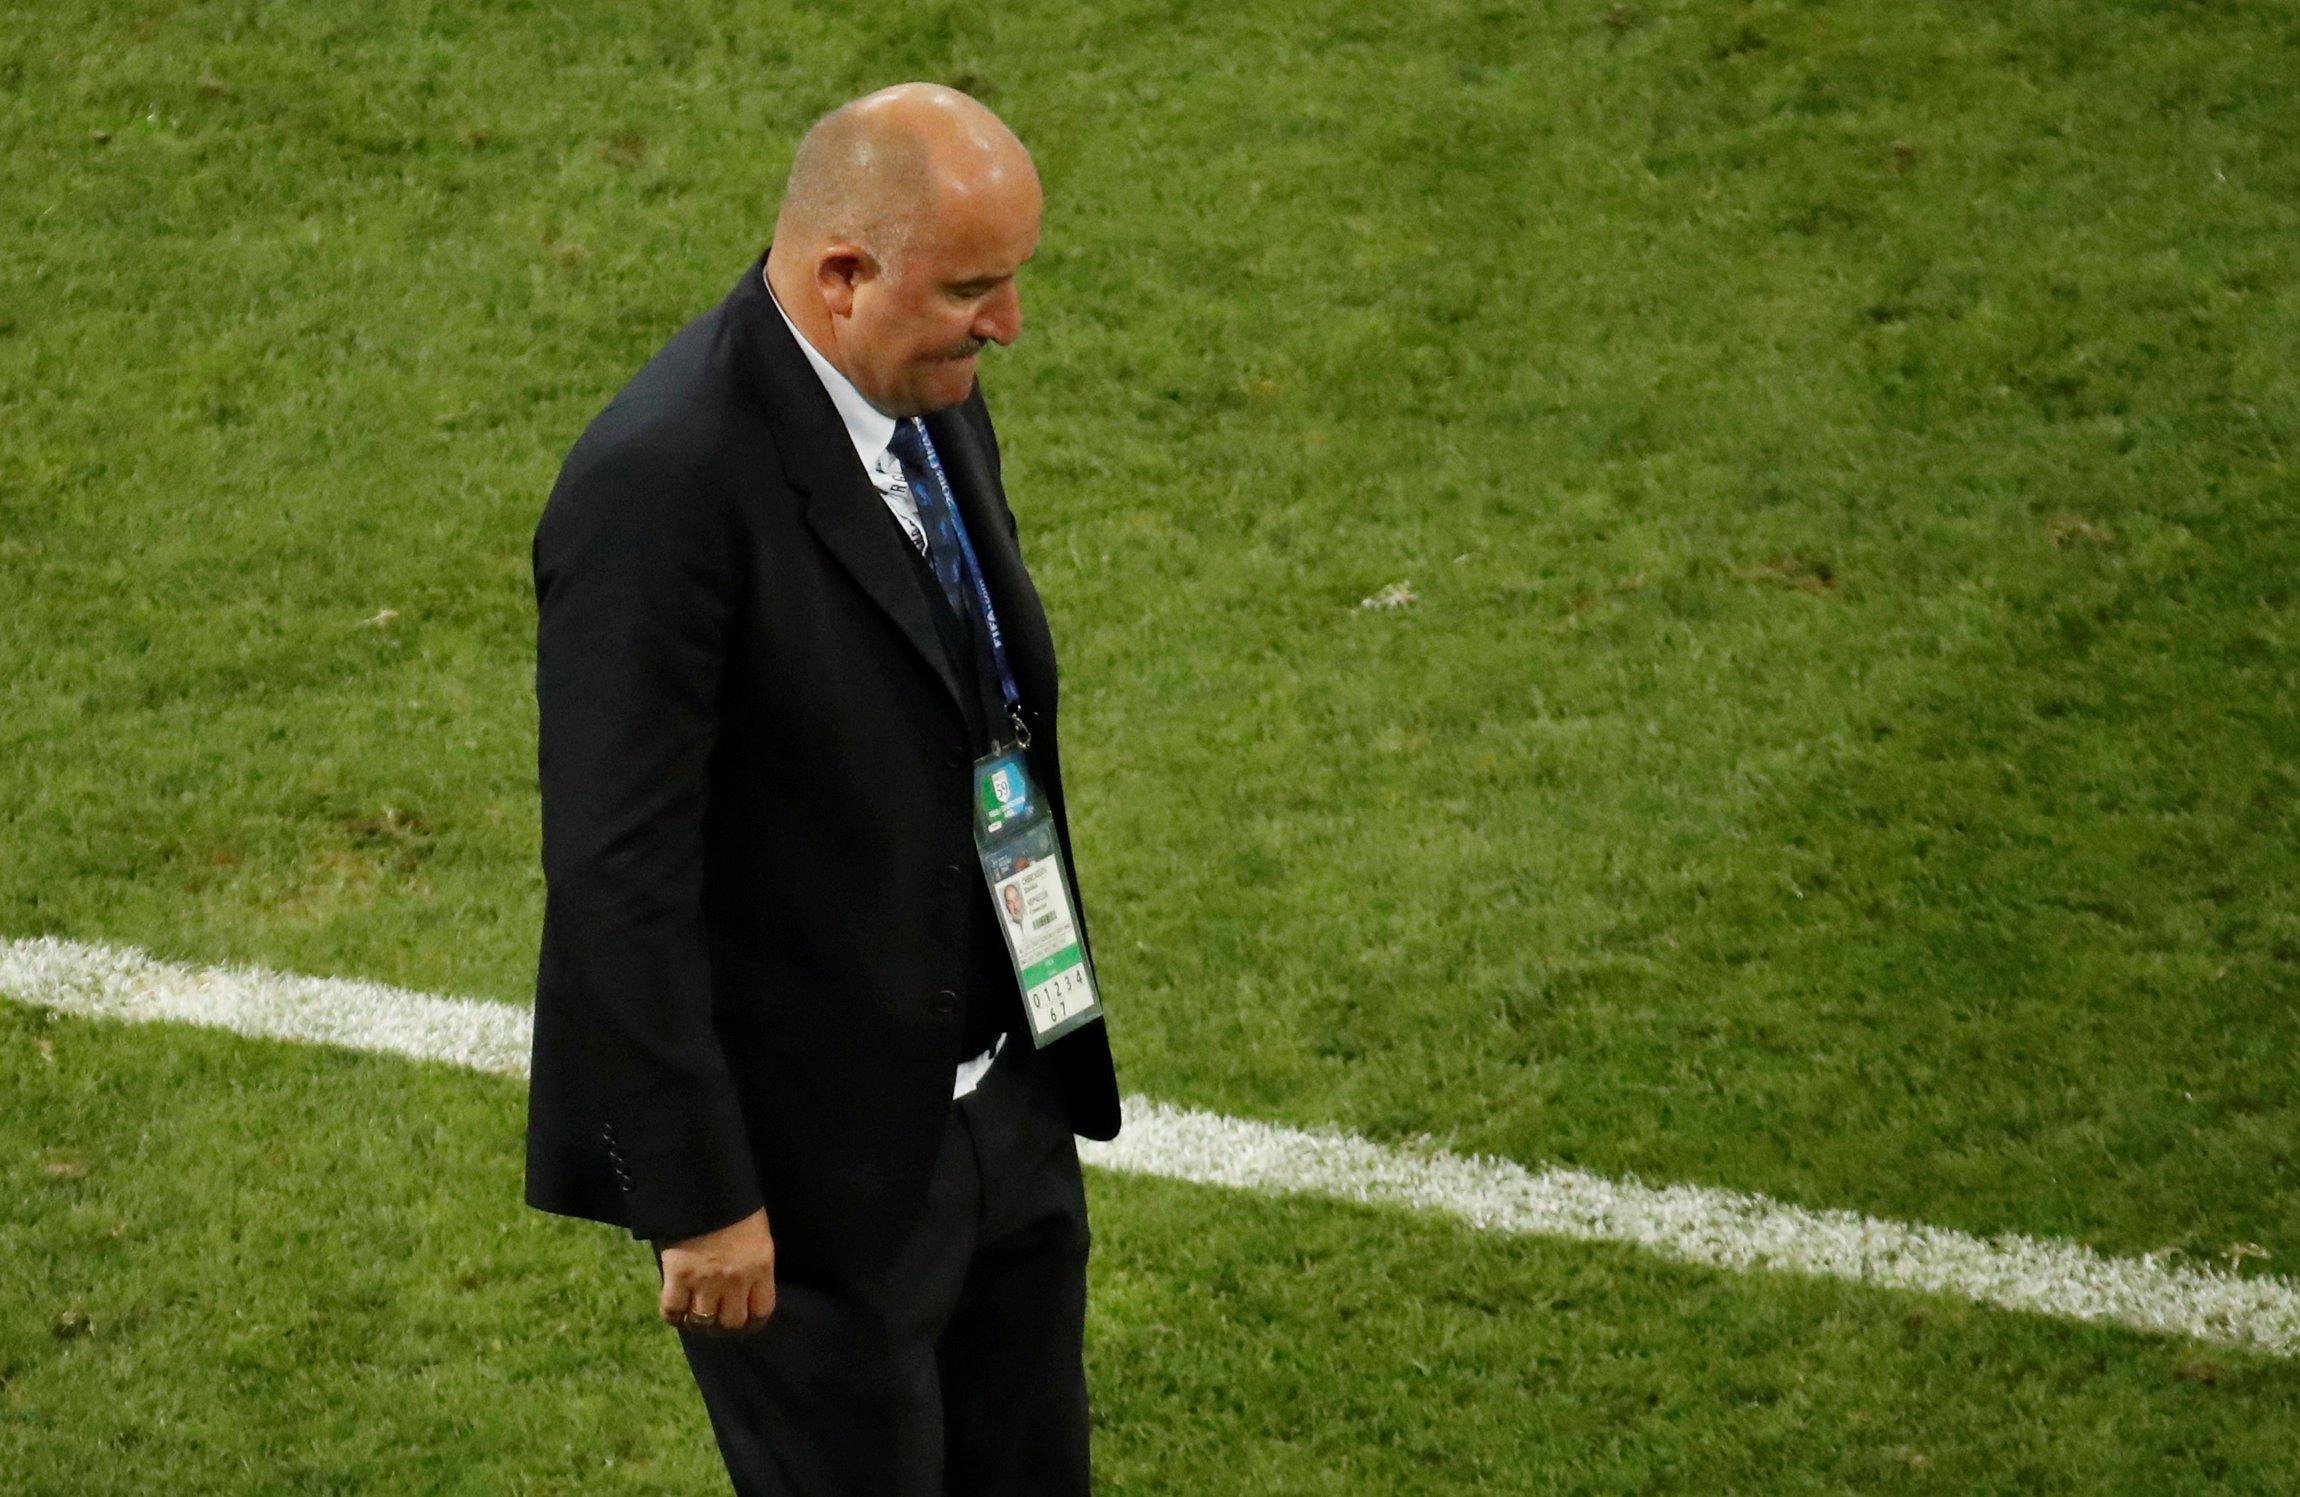 В матче 1/4 финала ЧМ-2018 против сборной Хорватии россиянам не хватило везения, сказал Станислав Черчесов